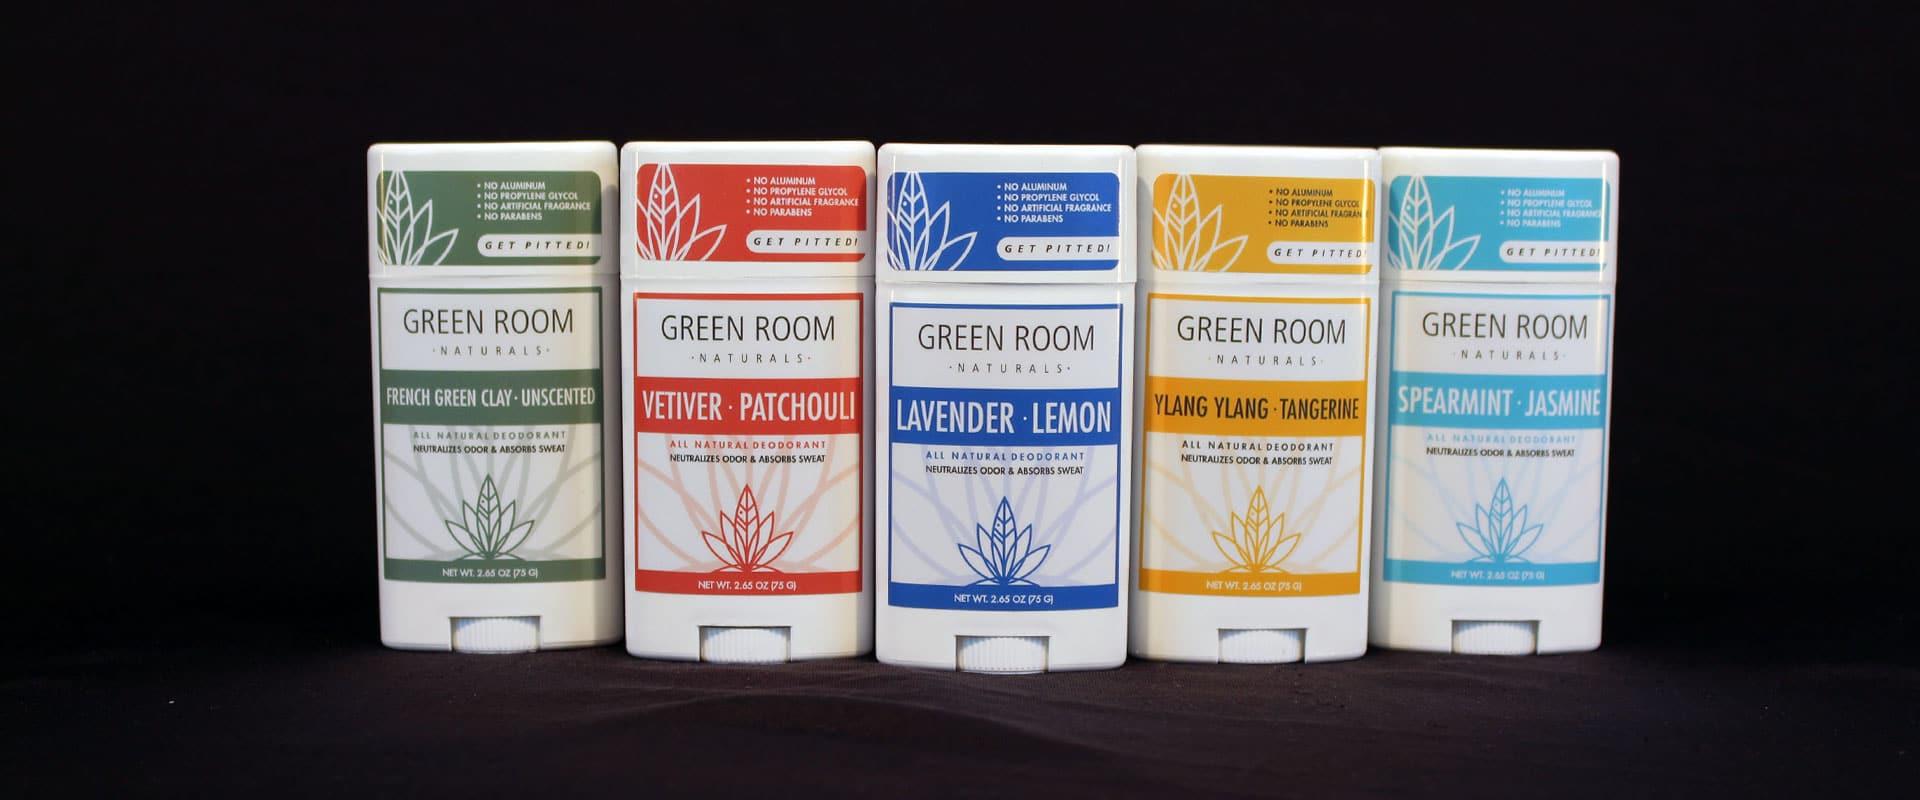 Green Room Naturals Deodorant